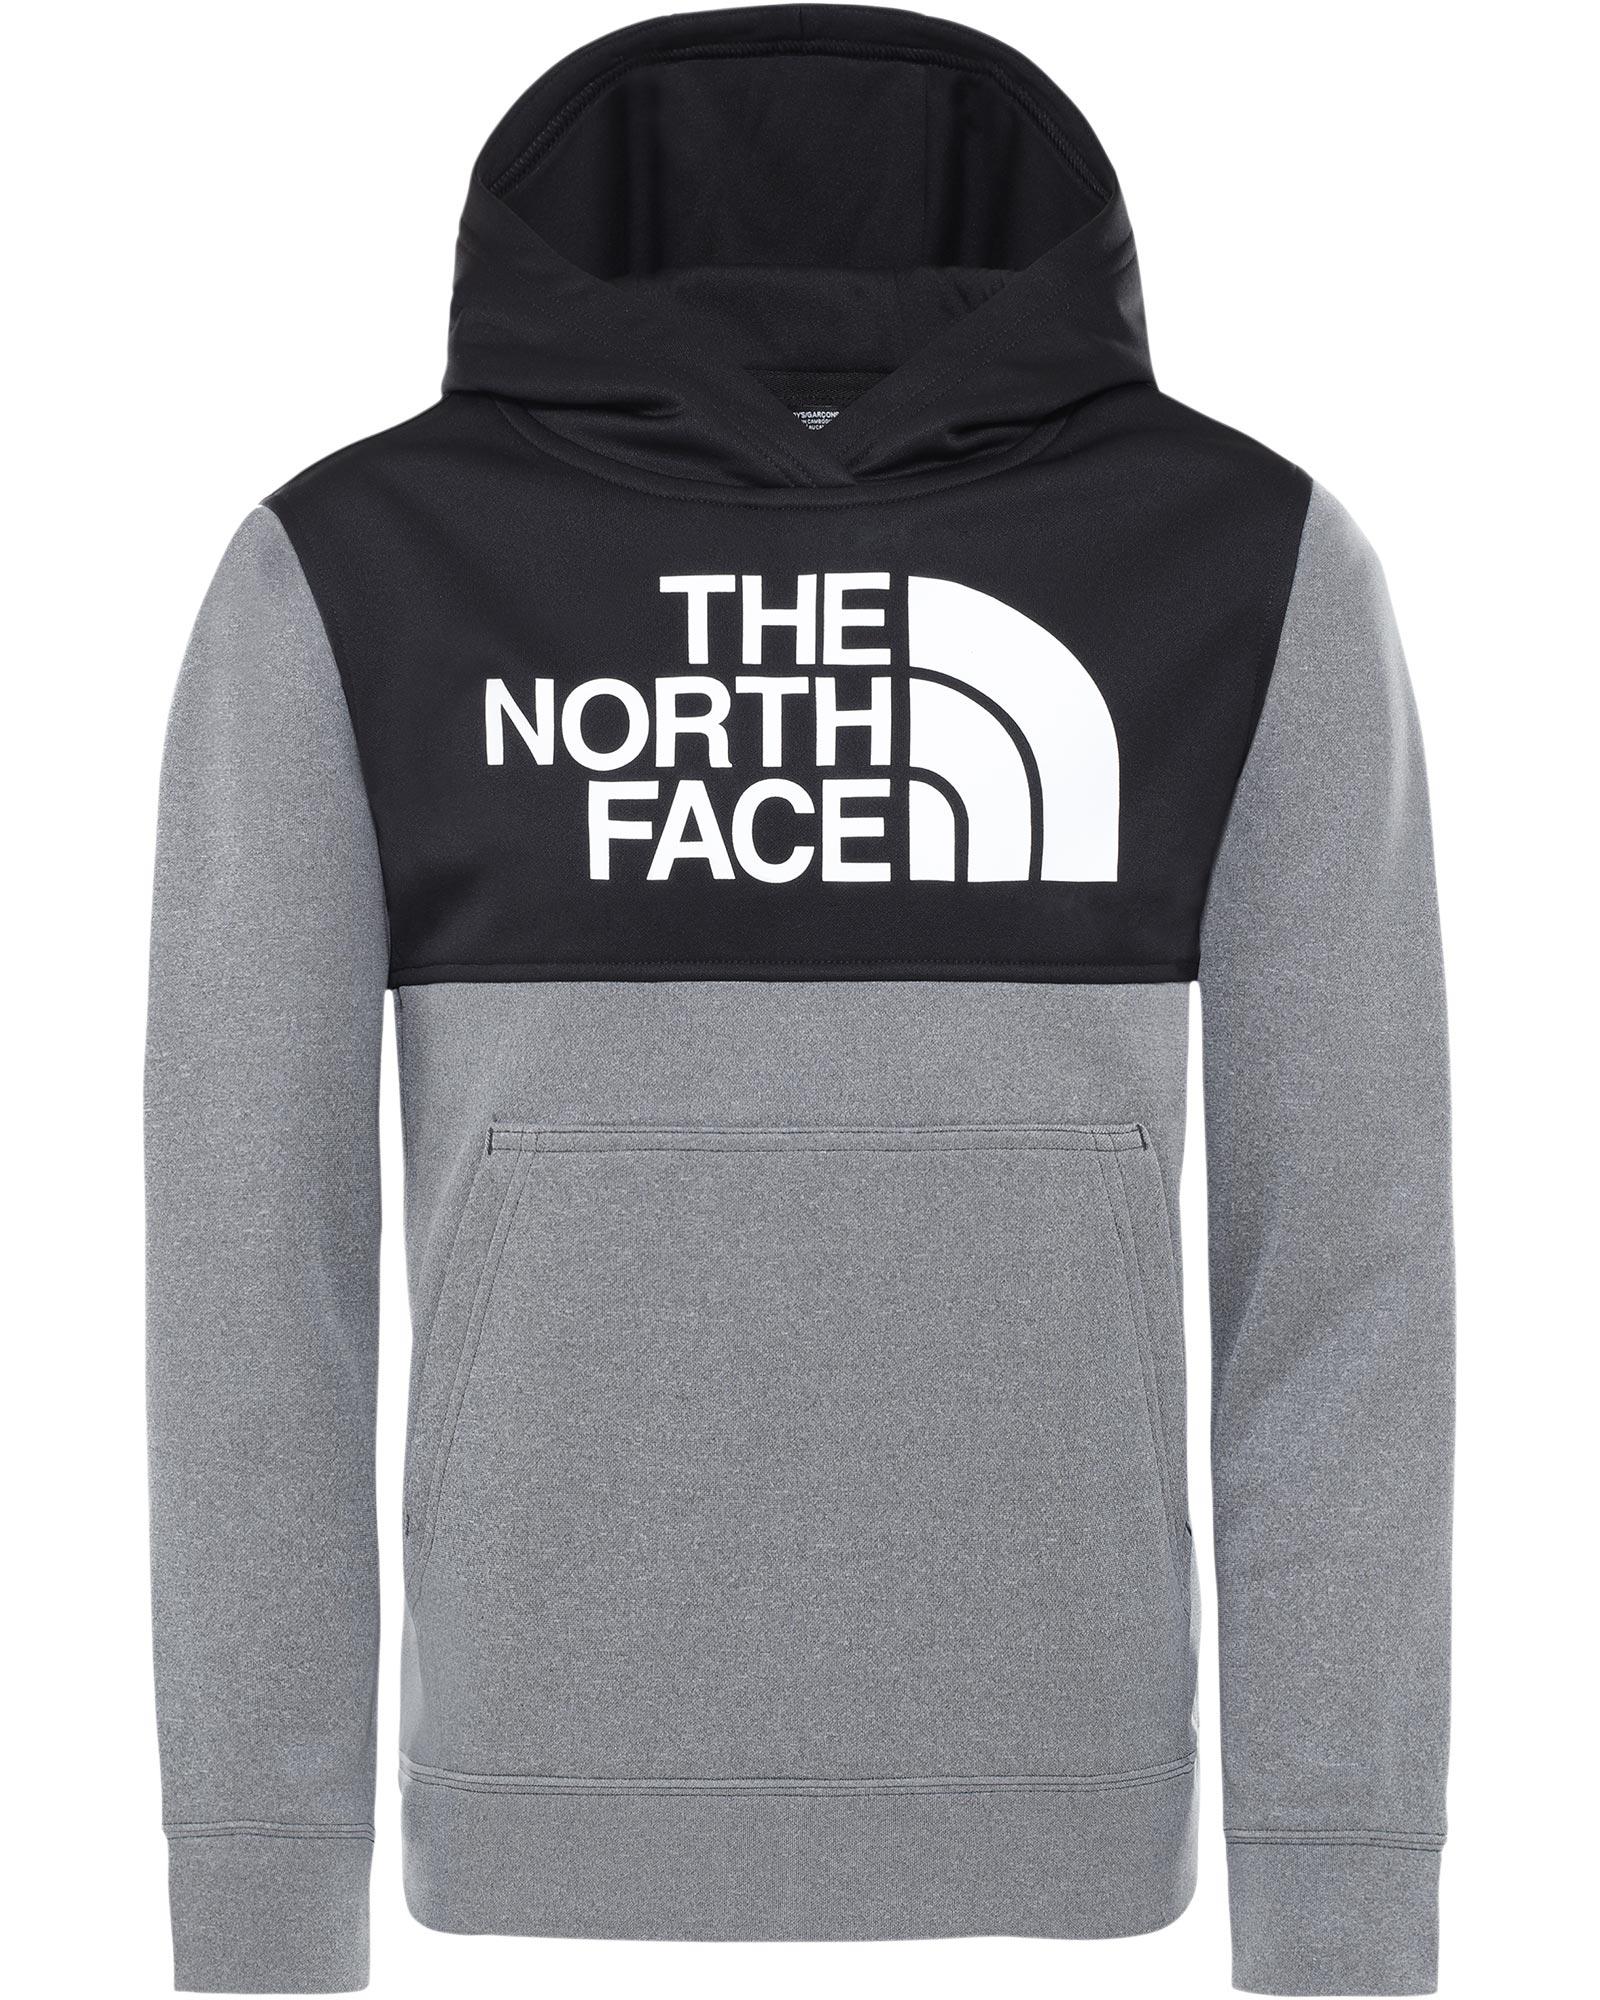 The North Face Womens Drew Peak Hoodie